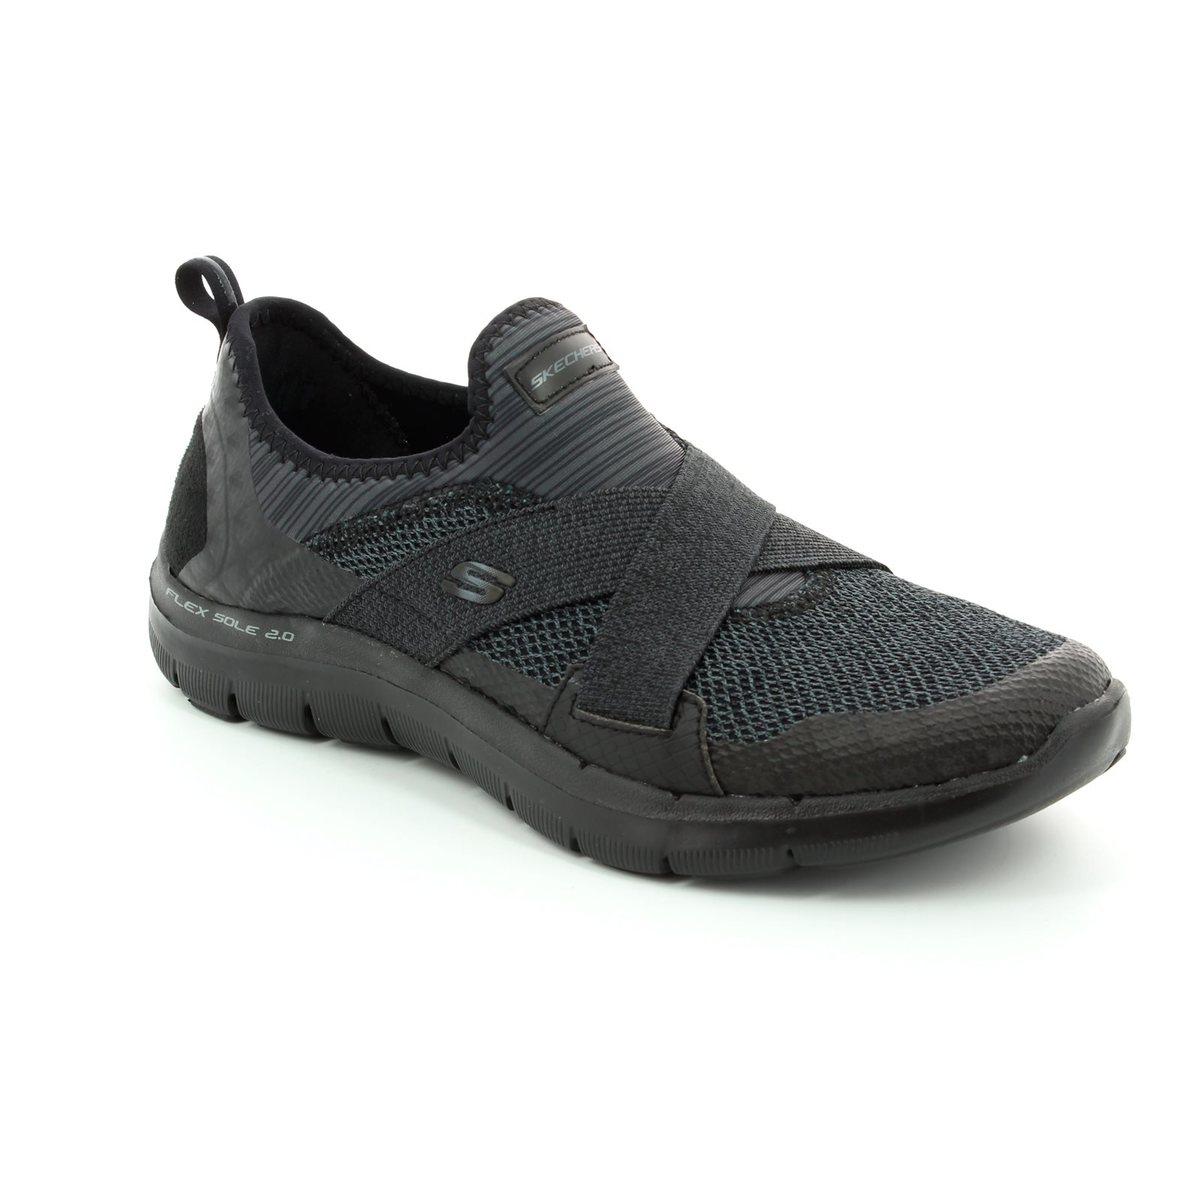 Skechers Shoes On Sale In Australia